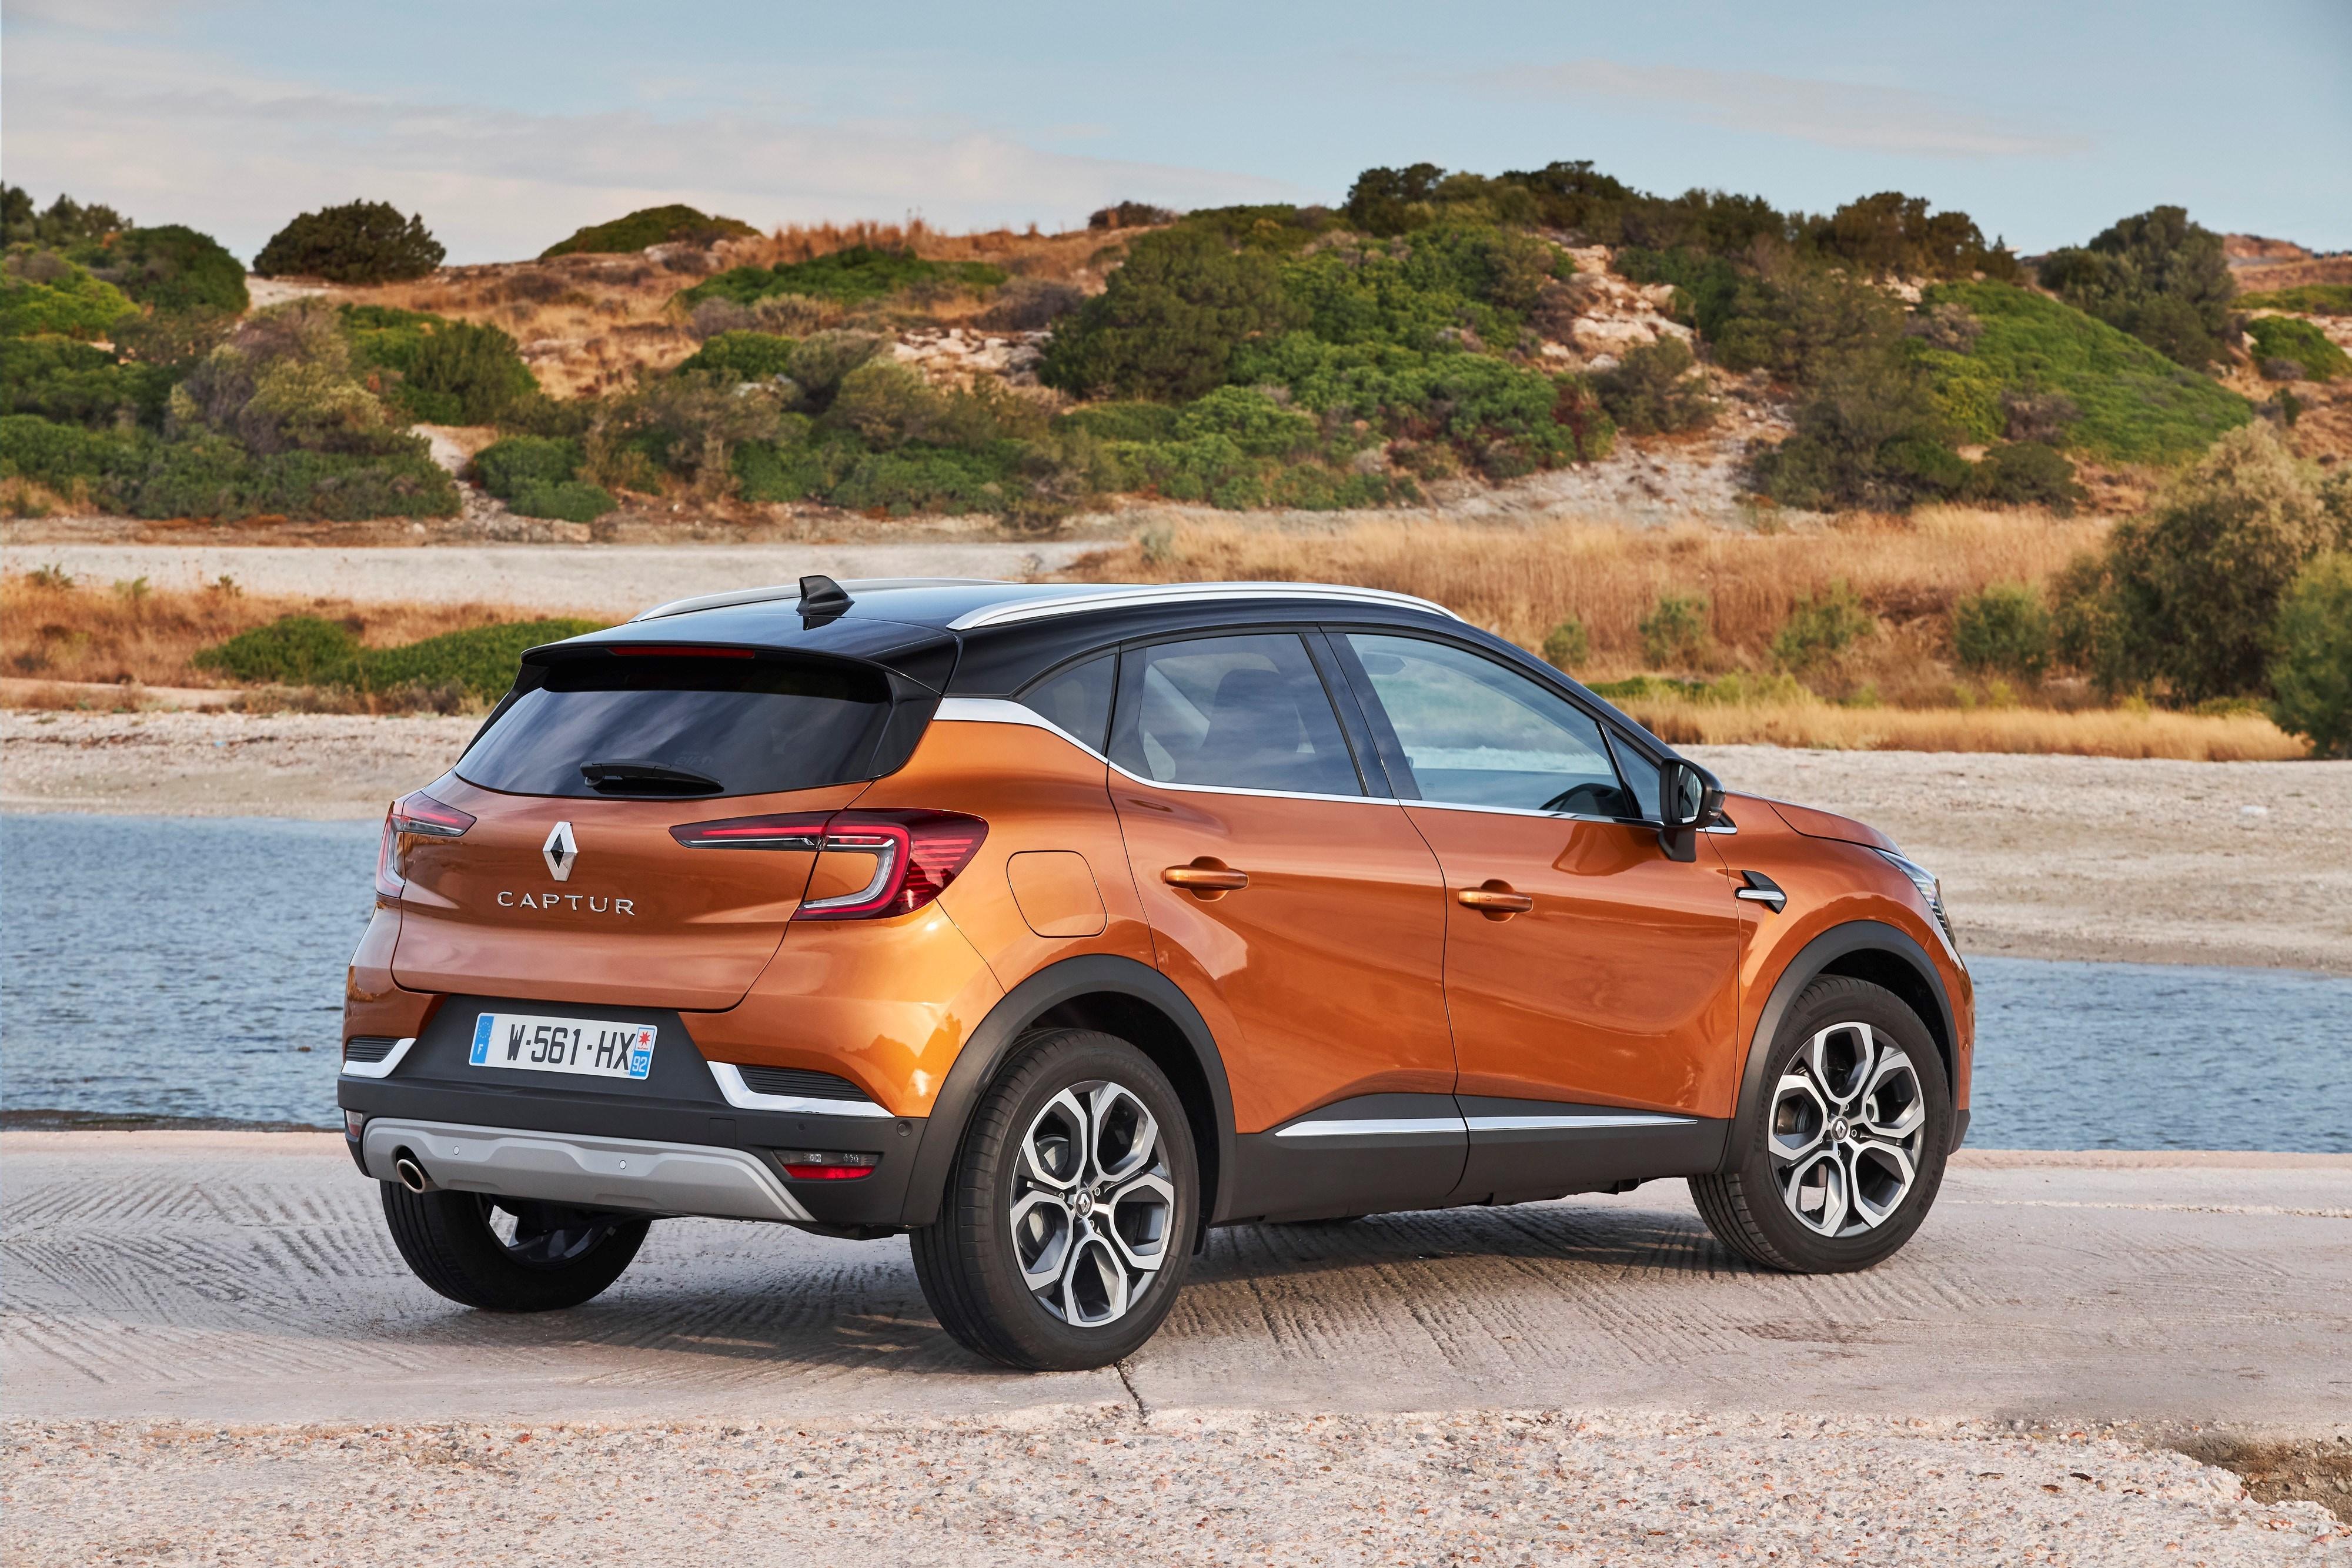 Tweede generatie Renault Captur even succesvol als eerste?